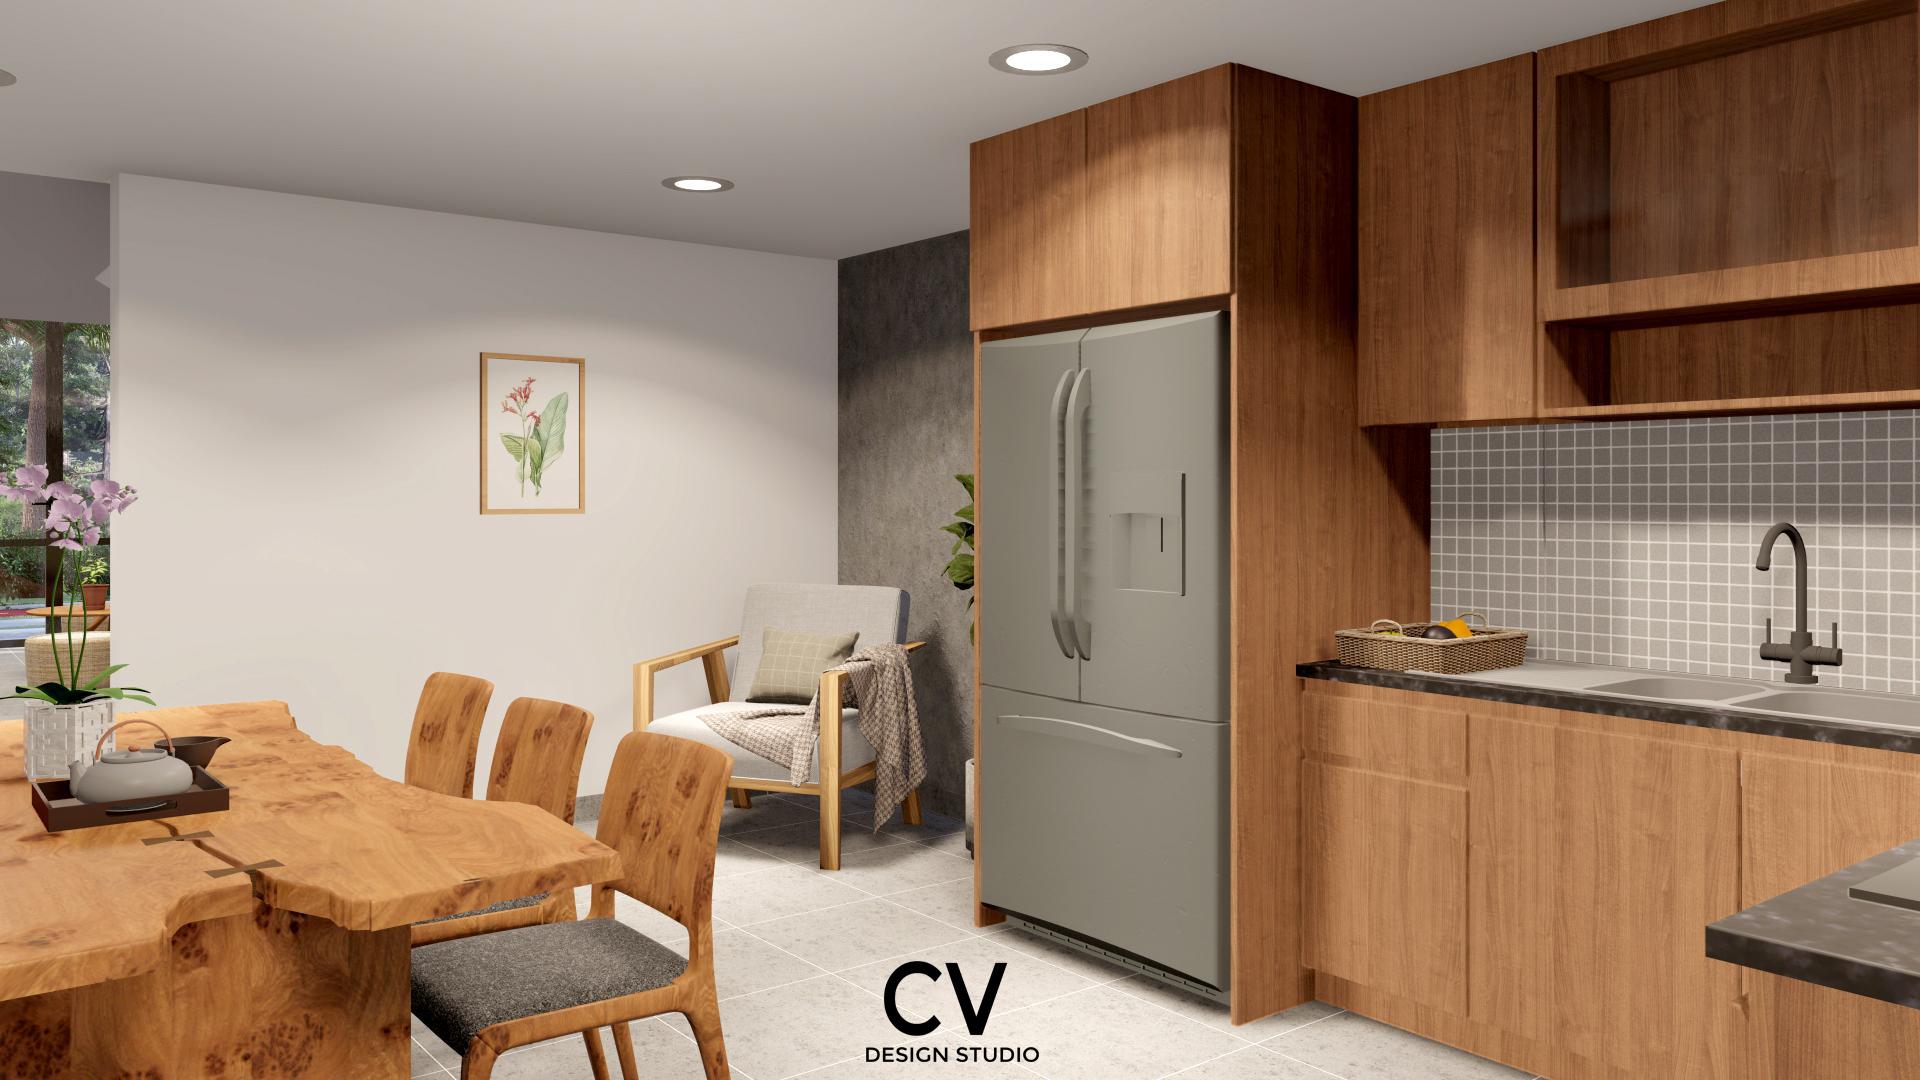 Thiết kế nội thất Nhà Mặt Phố tại An Giang H+ House 1600088020 5